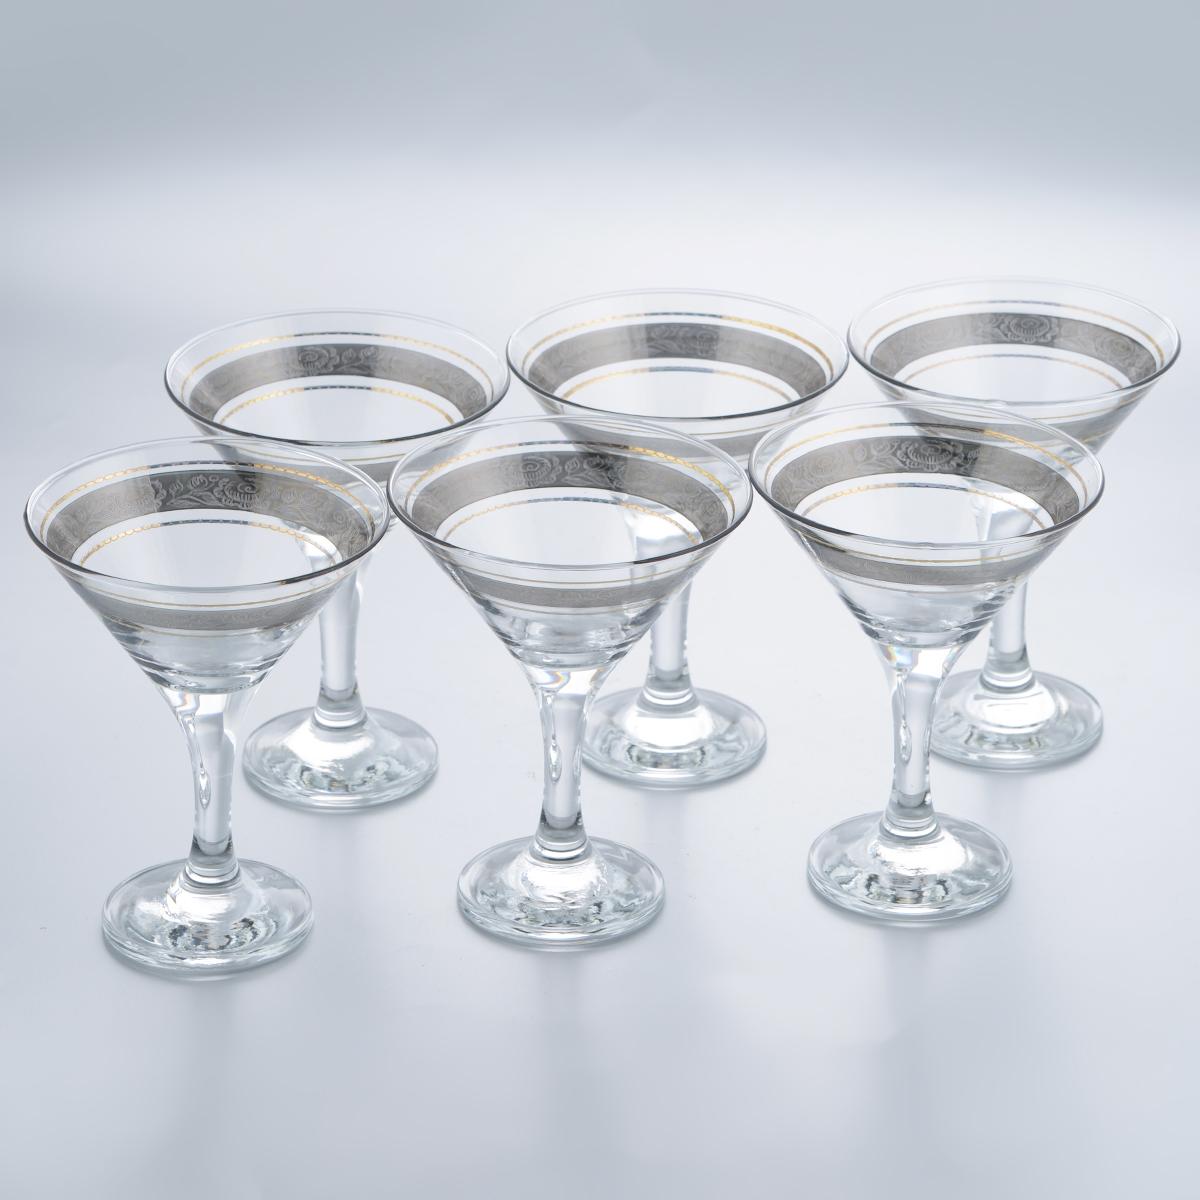 Набор бокалов для мартини Гусь-Хрустальный Первоцвет, 170 мл, 6 шт набор бокалов для бренди гусь хрустальный версаче 400 мл 6 шт